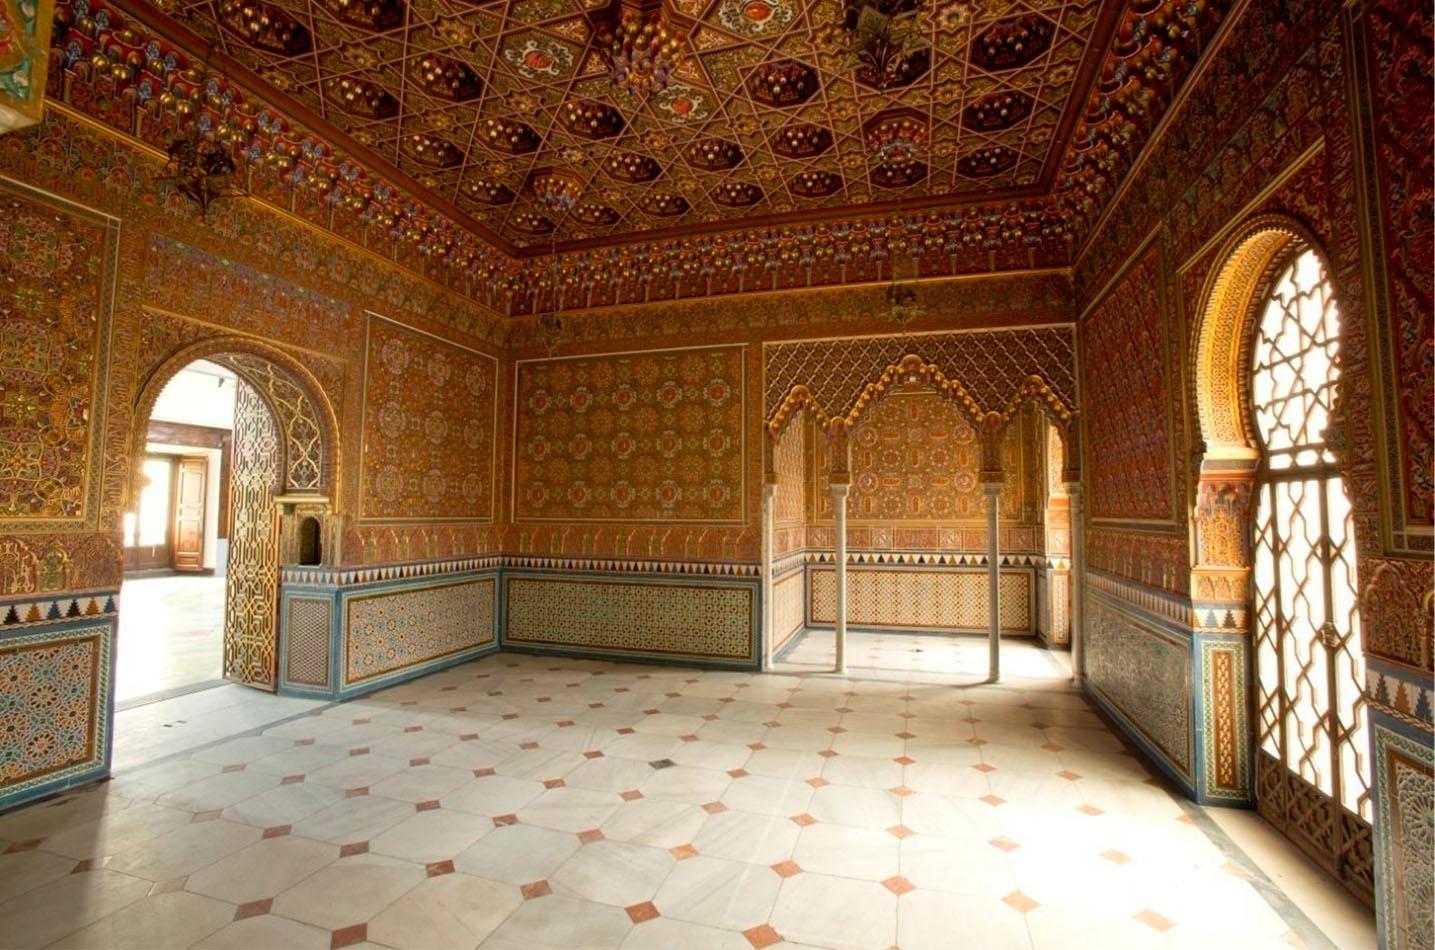 Imágenes del interior. Cortesía del concurso plateado por el Museo del Prado.